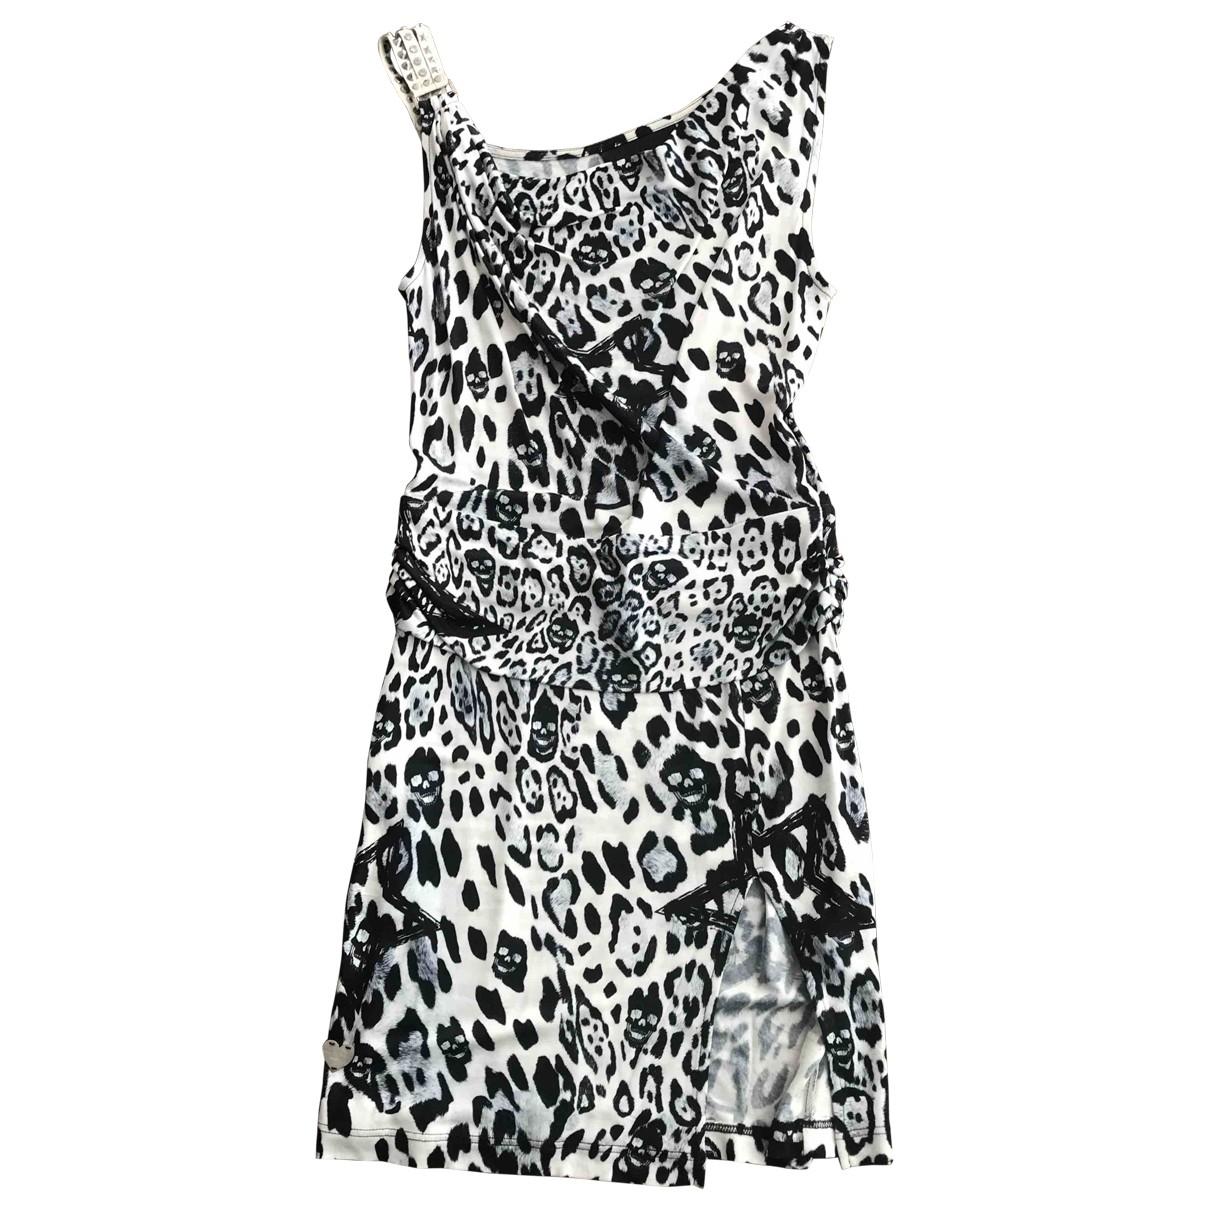 Philipp Plein \N Black dress for Women S International